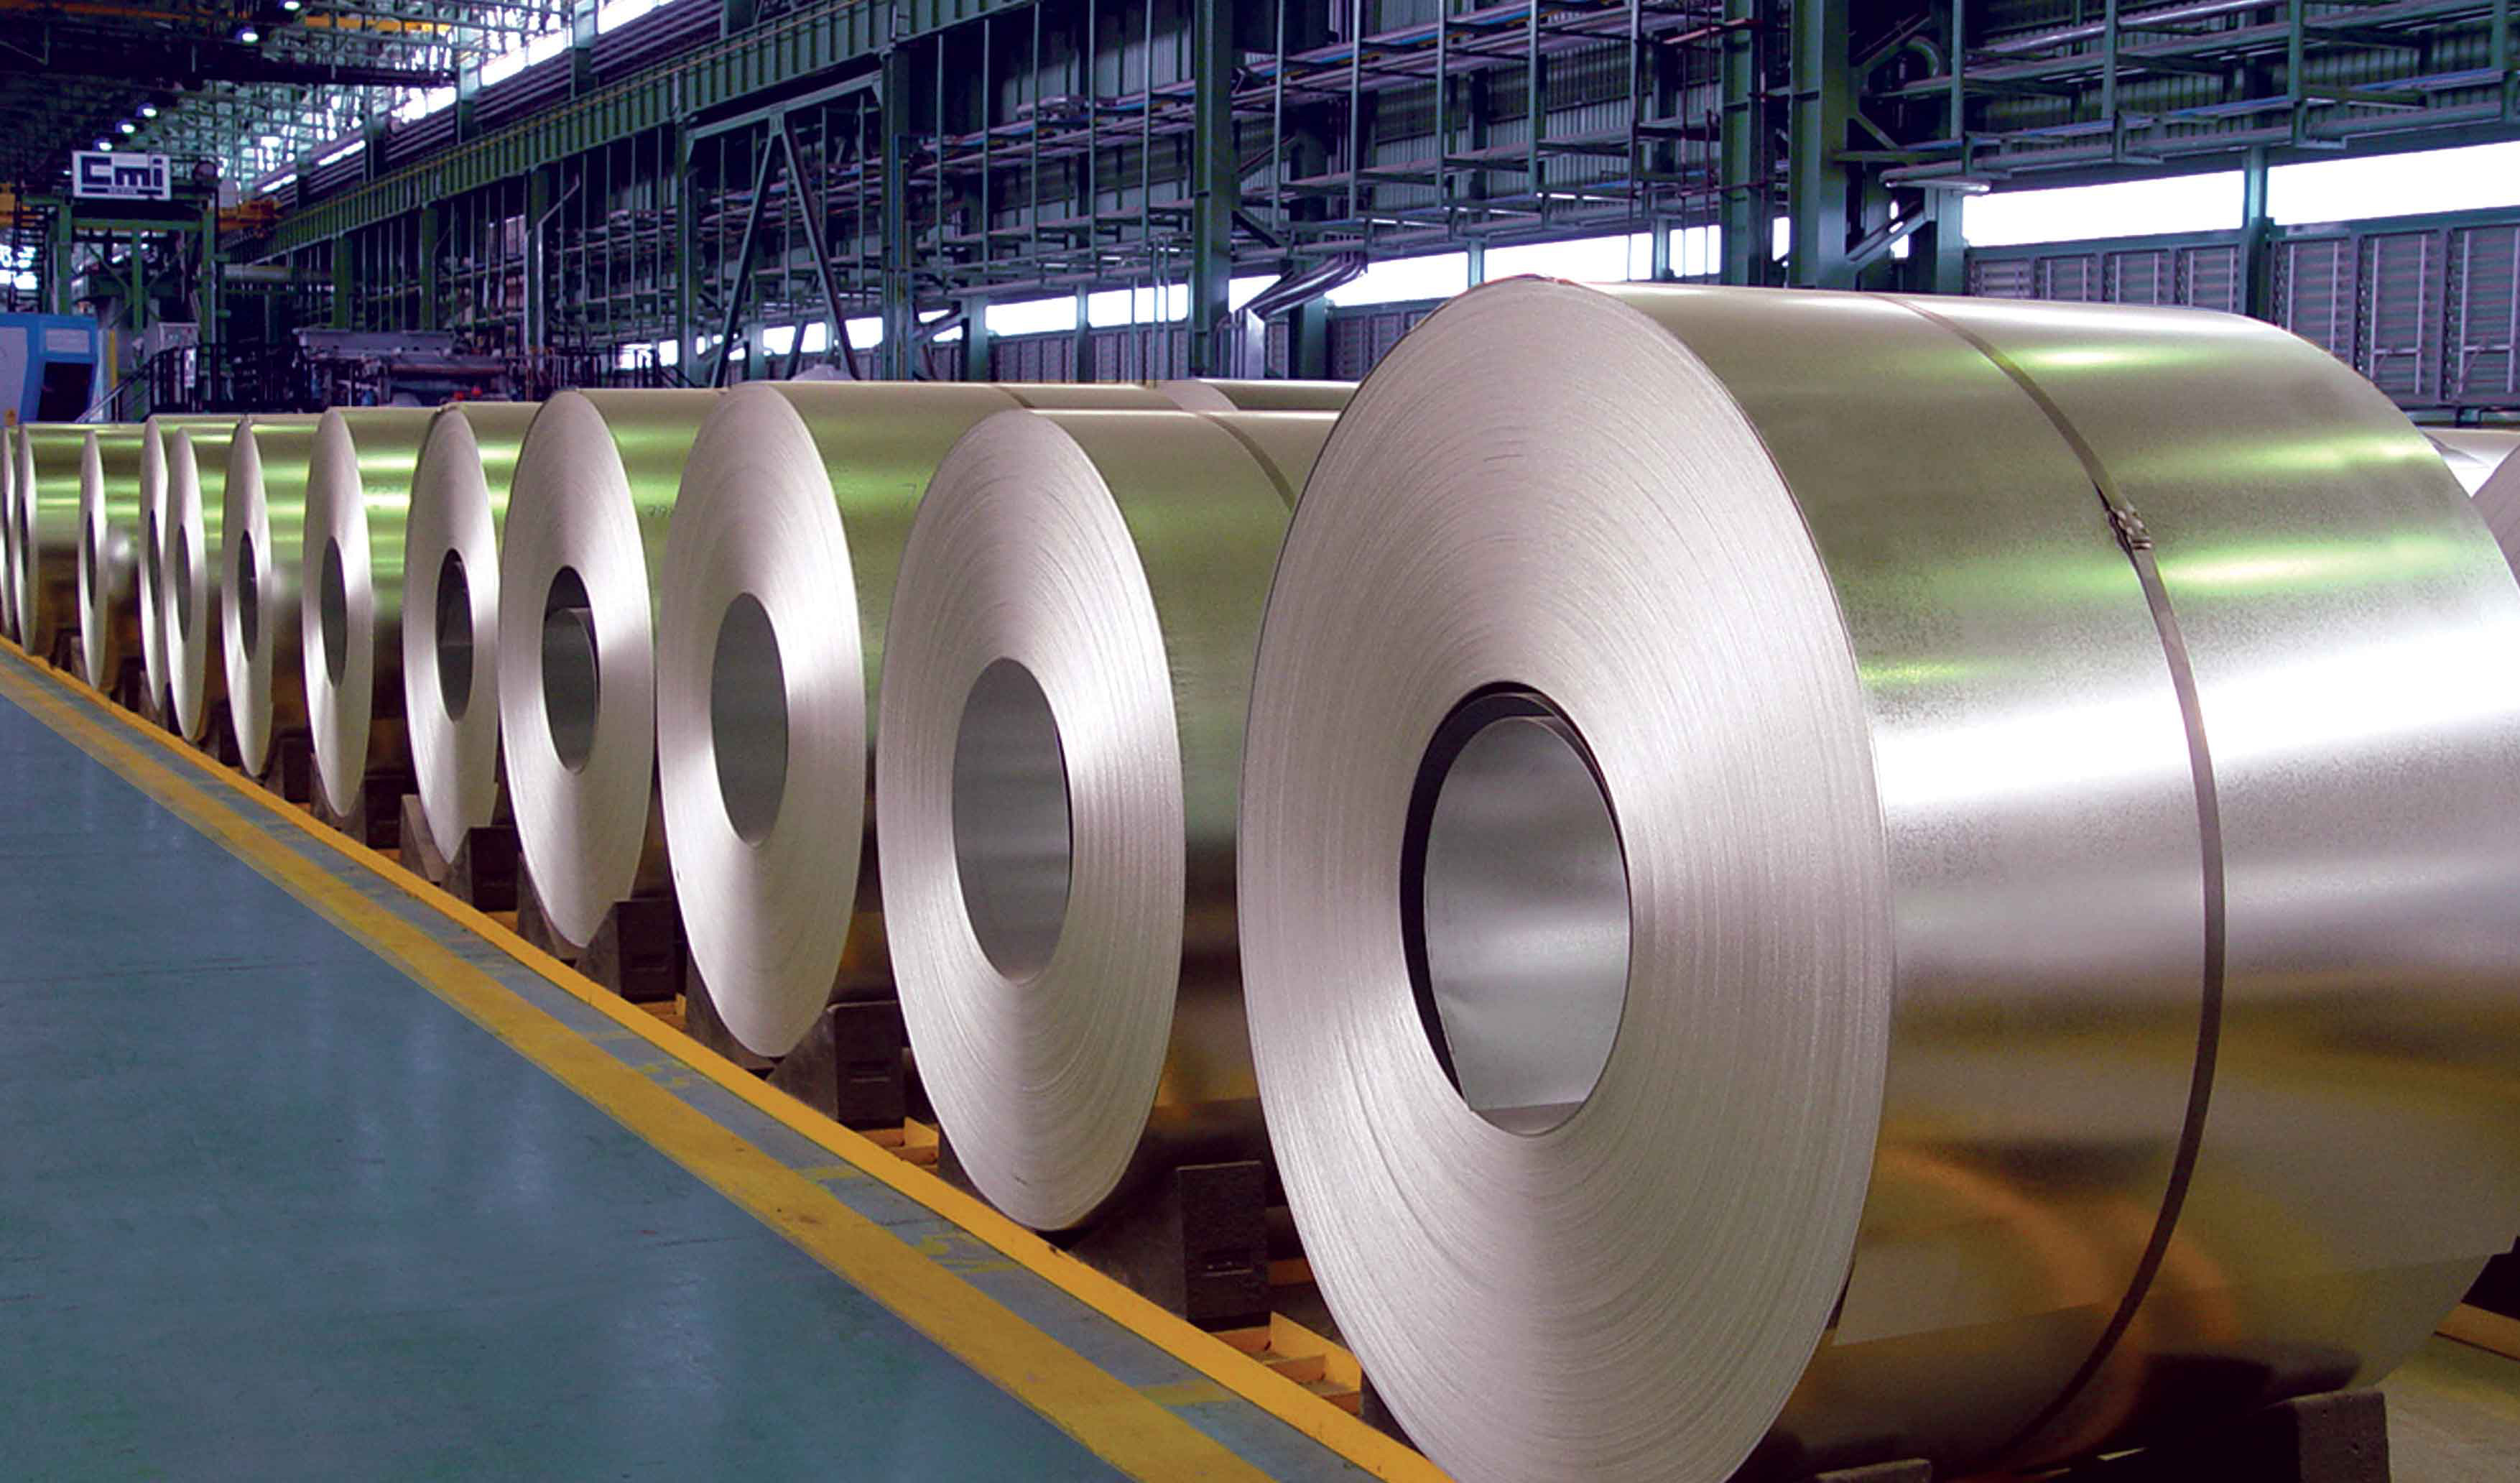 توقف صادرات فولاد ایران به افغانستان/ زمان از سرگیری صادرات مشخص نیست